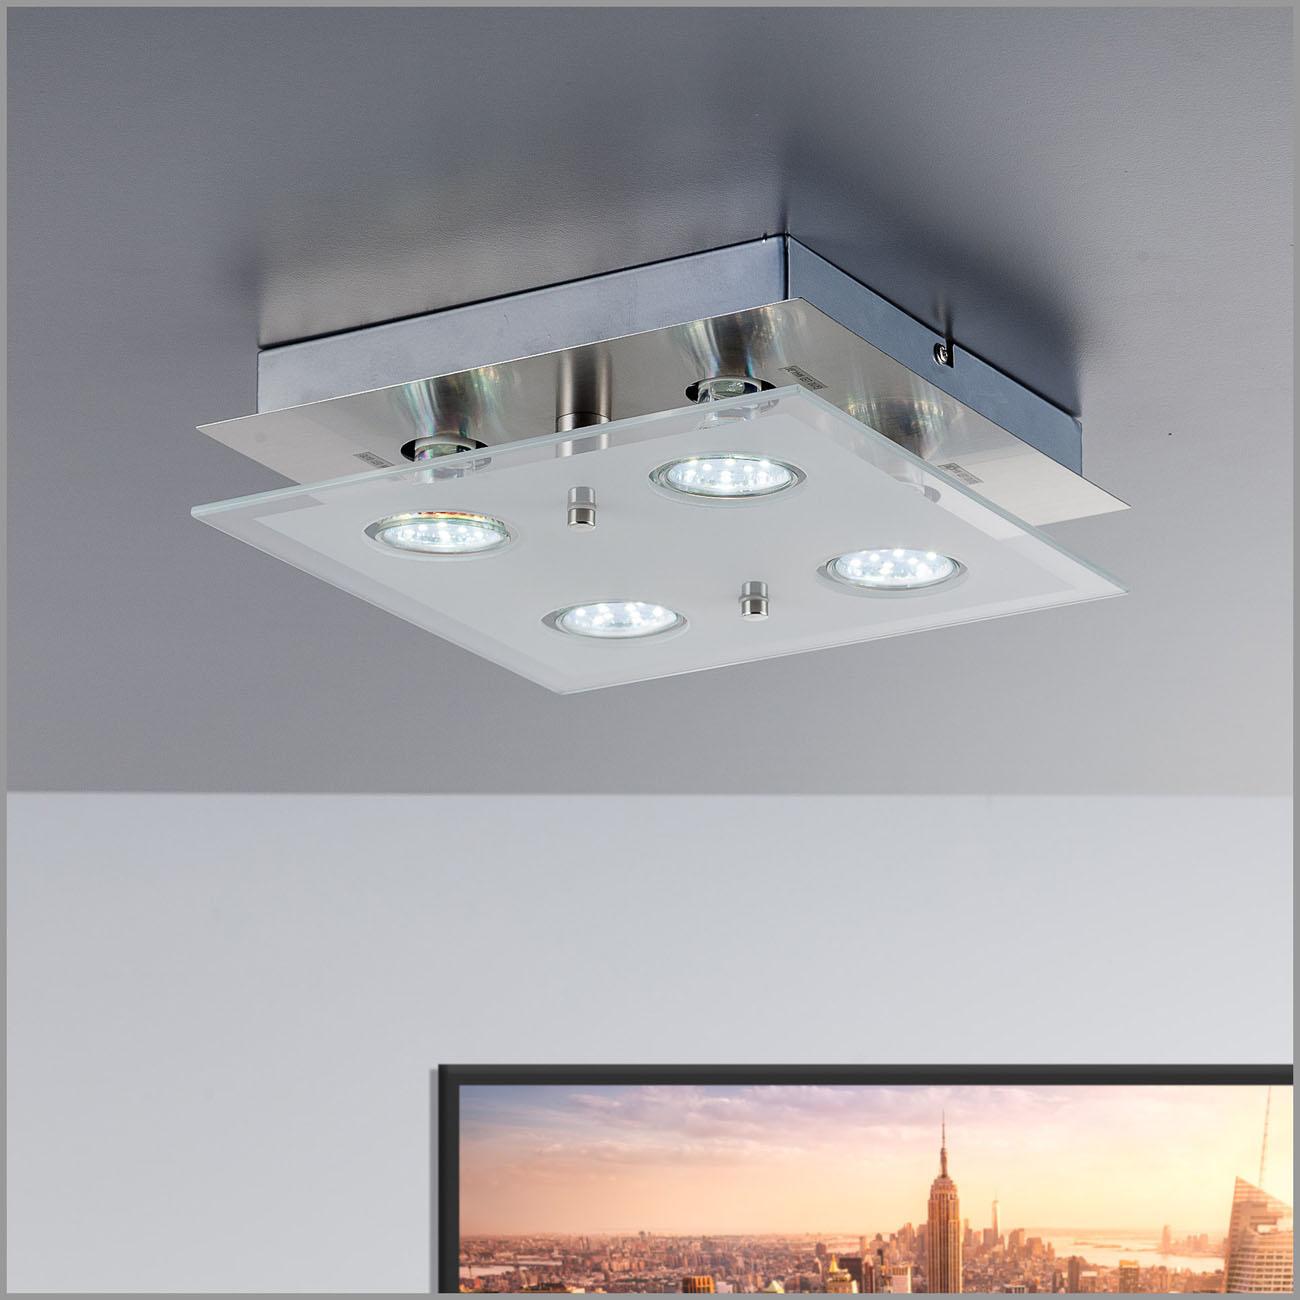 LED Deckenleuchte teilsatiniertes Glas 4-flammig GU10